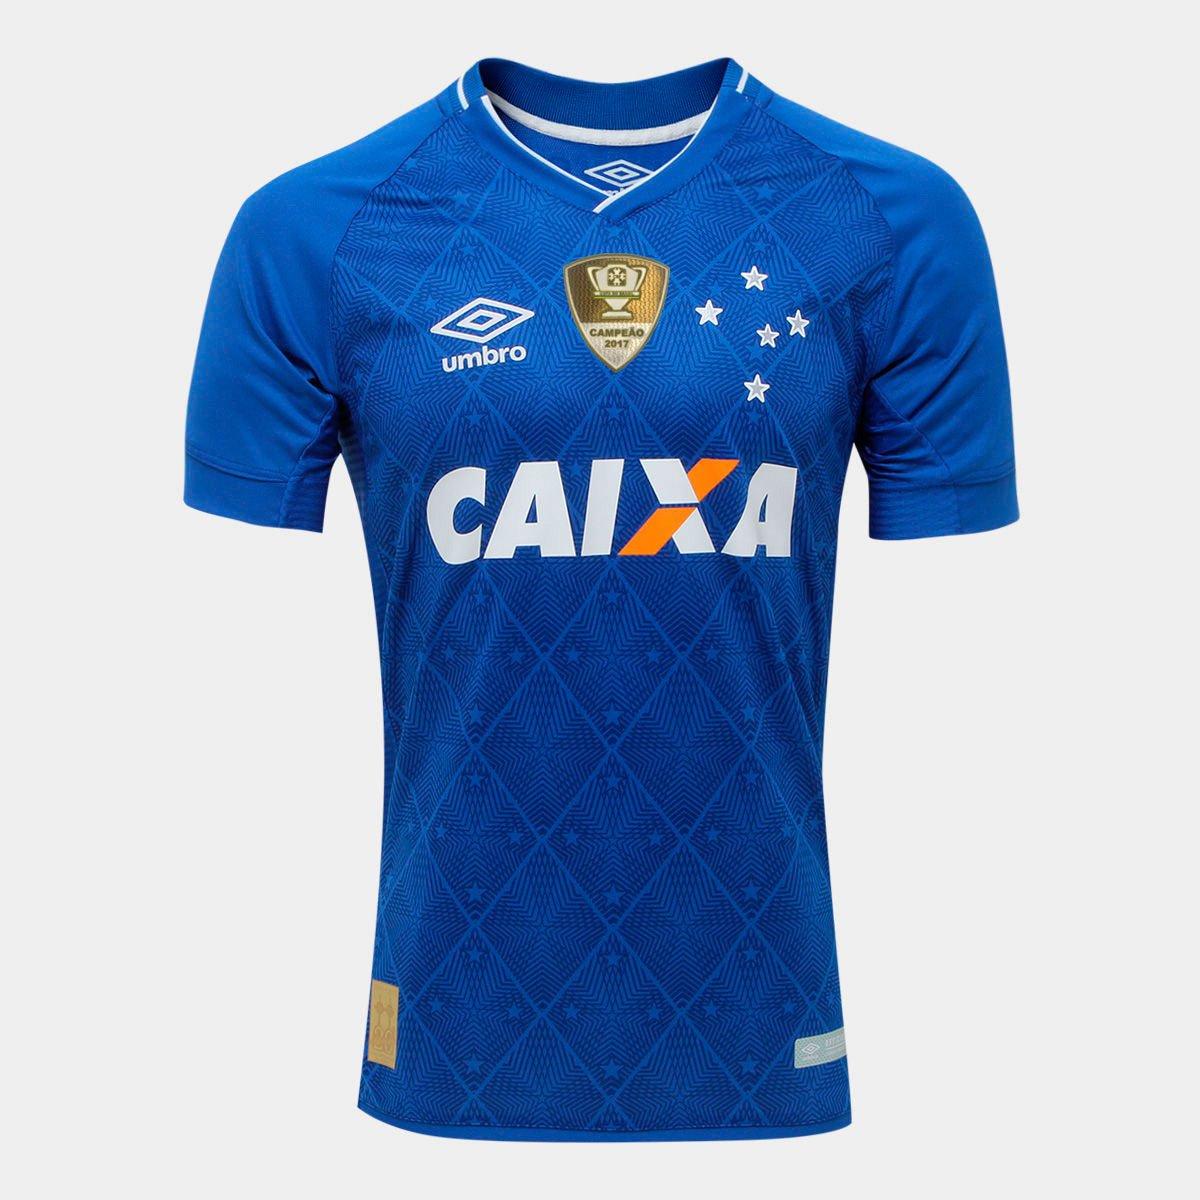 Camisa Cruzeiro I 17 18 s nº Patch Campeão Copa do Brasil Jogador Umbro  Masculina - Compre Agora  825f245385719